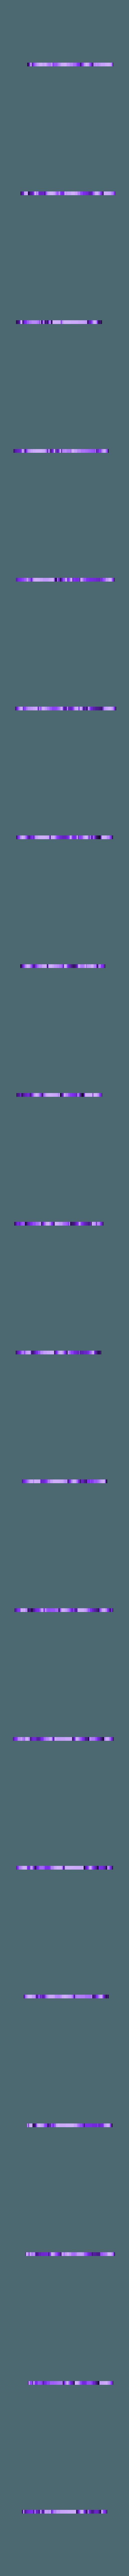 rocky face.stl Télécharger fichier STL Lot 6 ornements Paw Patrol • Plan imprimable en 3D, DG22